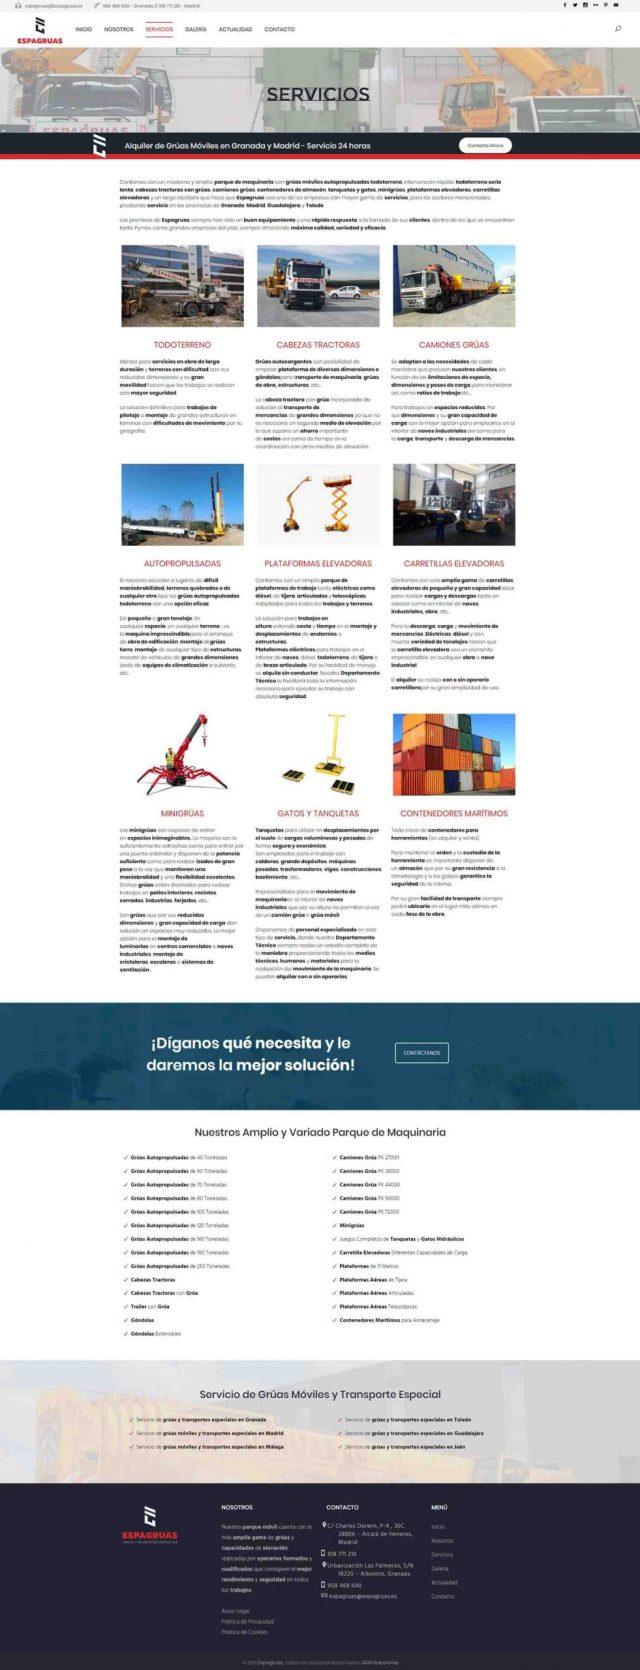 Diseño de la página servicios - Espagruas